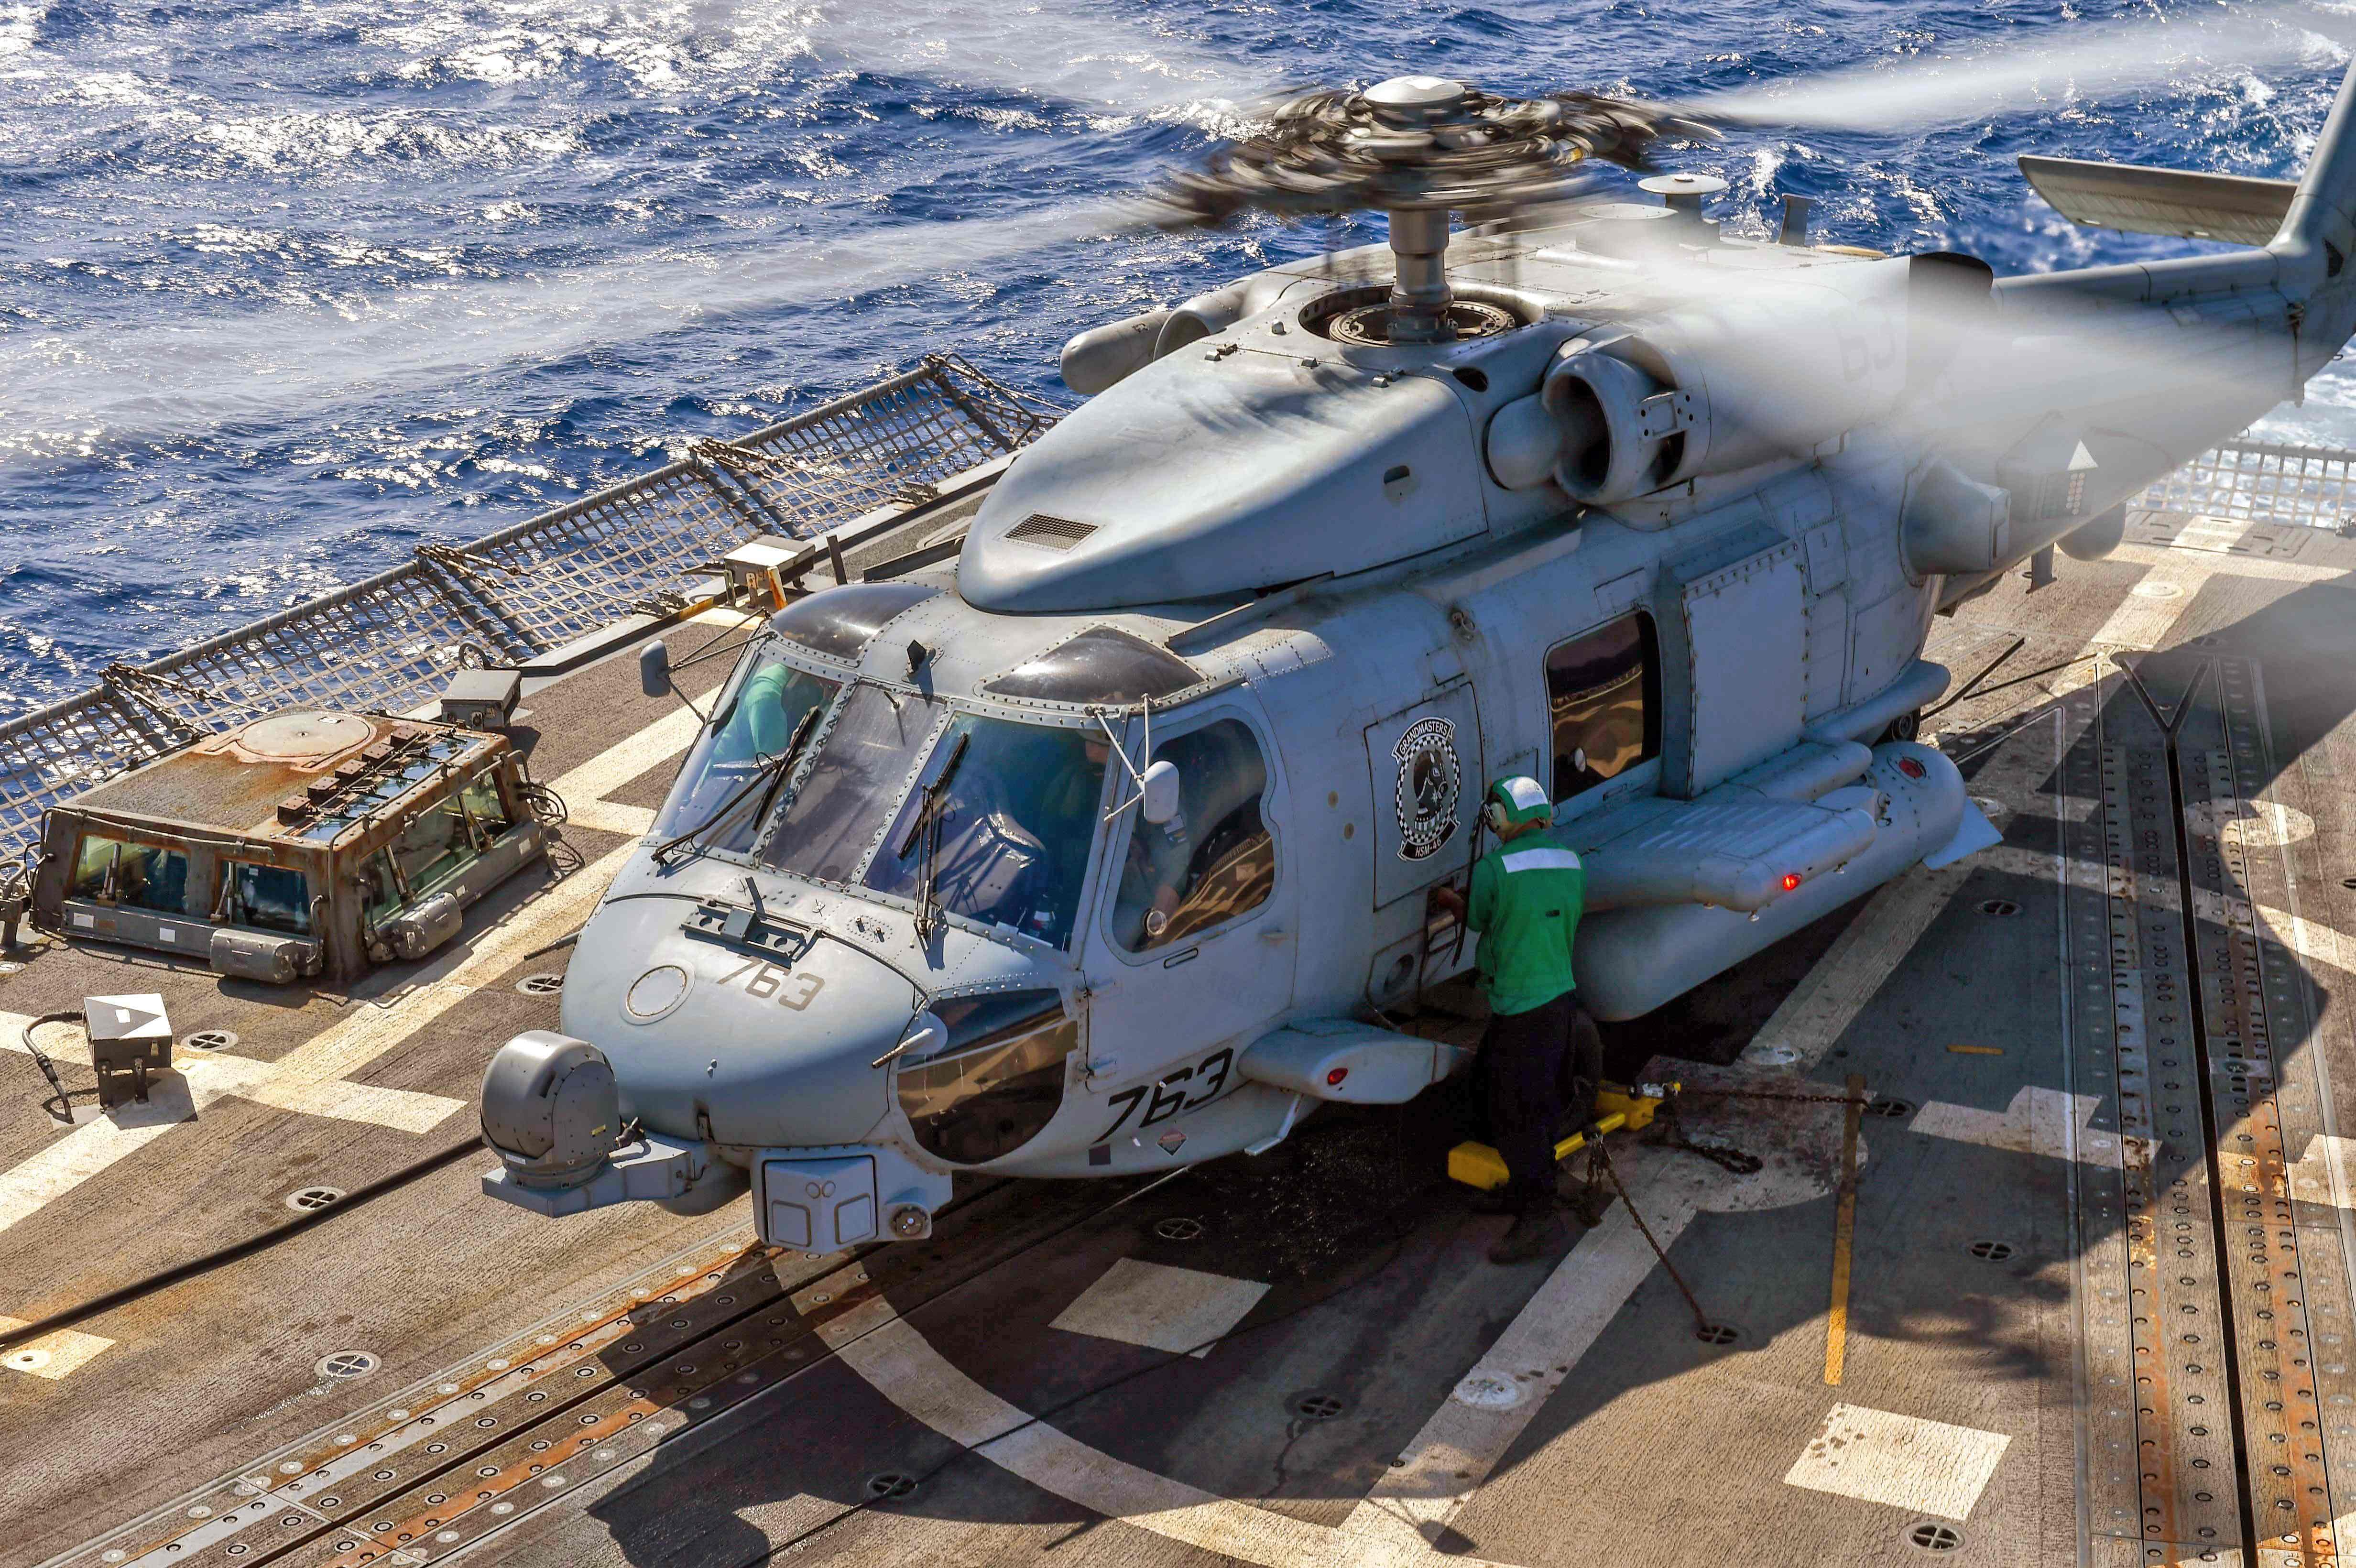 صورة نشرتها البحرية الأميركية لإحدى عملياتها في منطقة الخليج العربي (أ. ف. ب.)